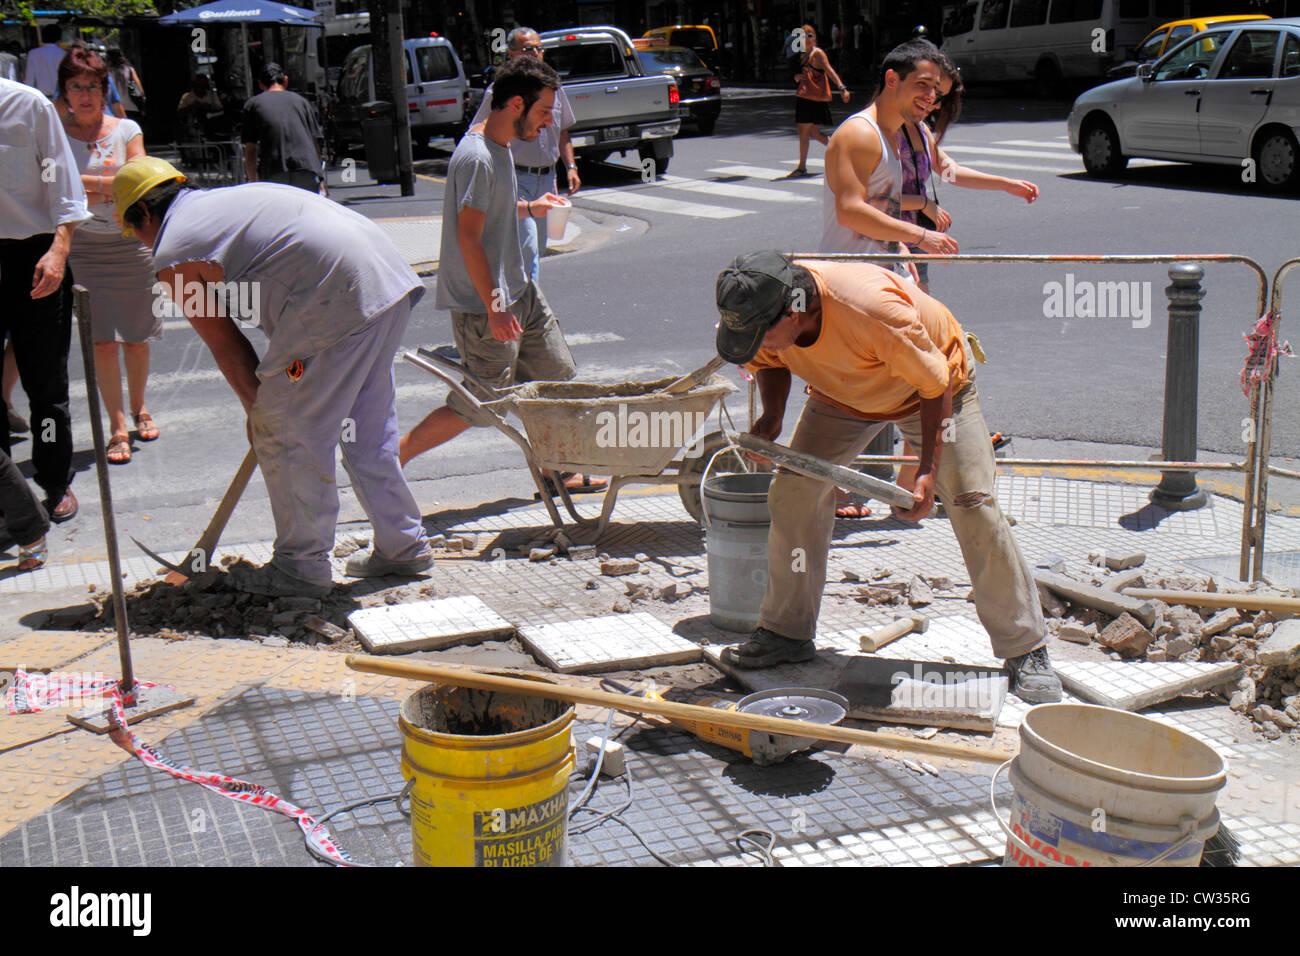 Avenida de Mayo in Buenos Aires Argentinien Bürgersteig Reparatur städtische Infrastruktur Bau Hispanic Mann Arbeiter Stockfoto